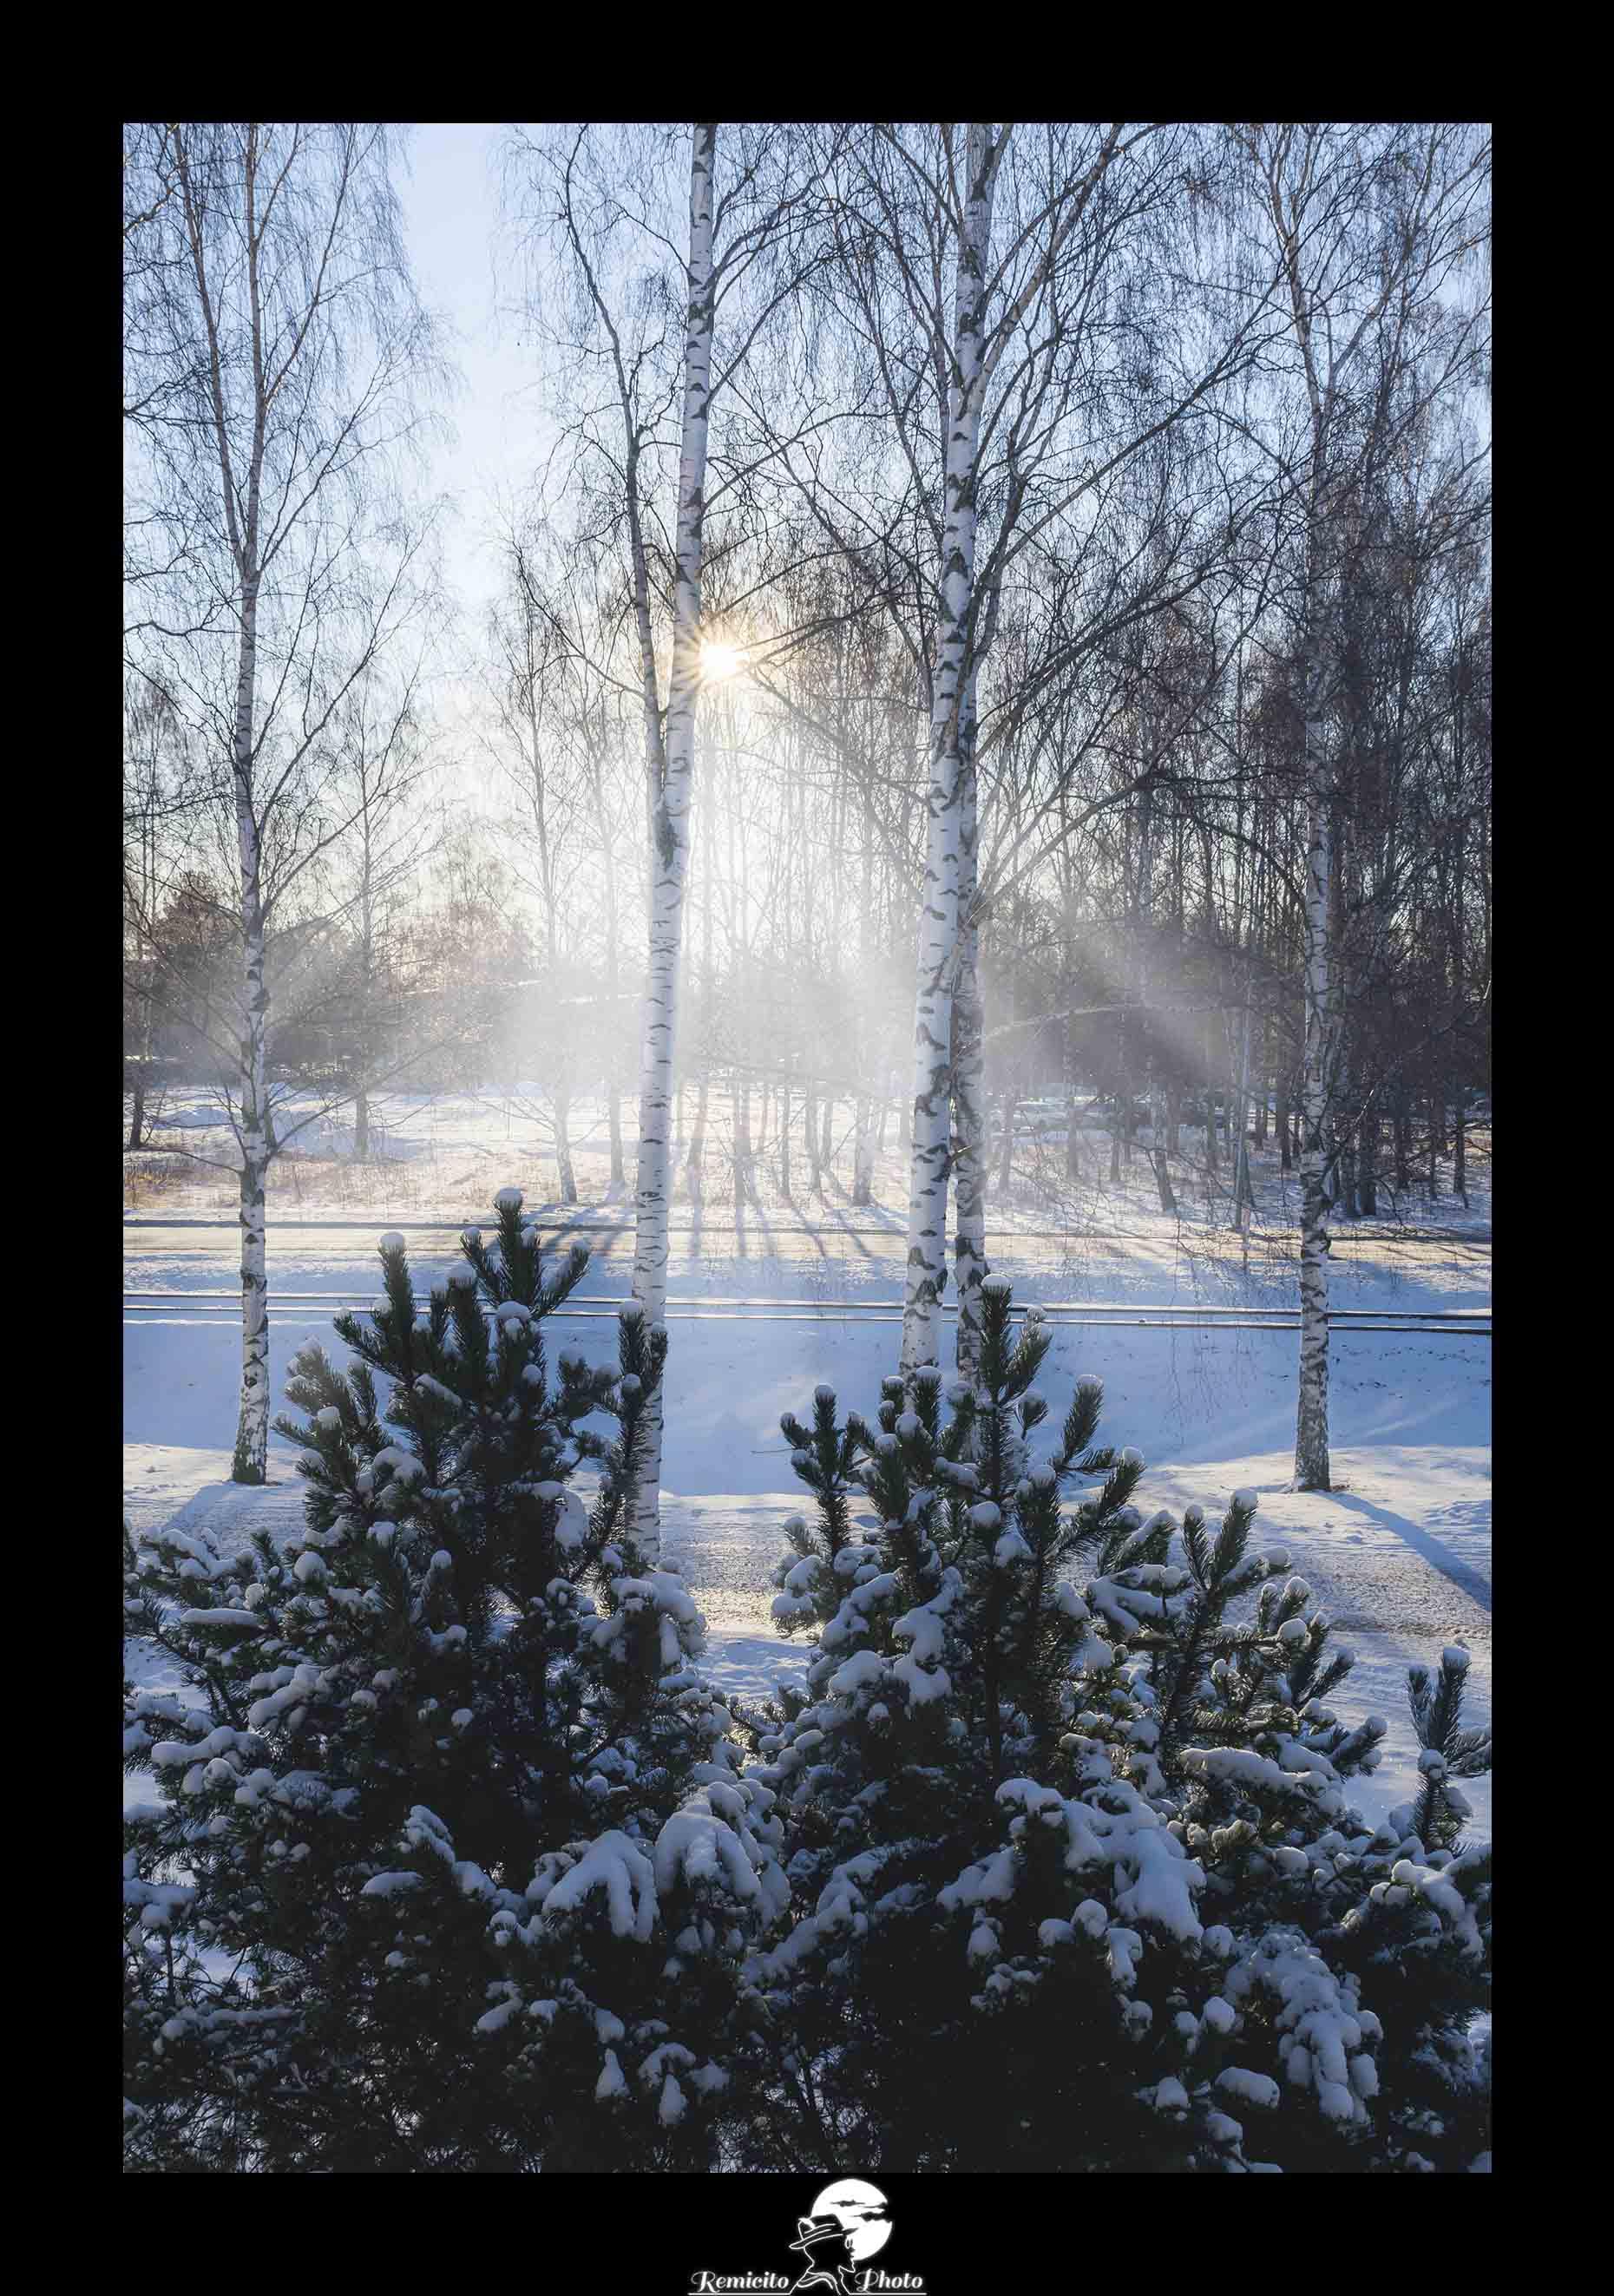 Remicito photo, remicito rémi lacombe photographe paris, belle photo soleil finlande neige, idée cadeau photo soleil neige